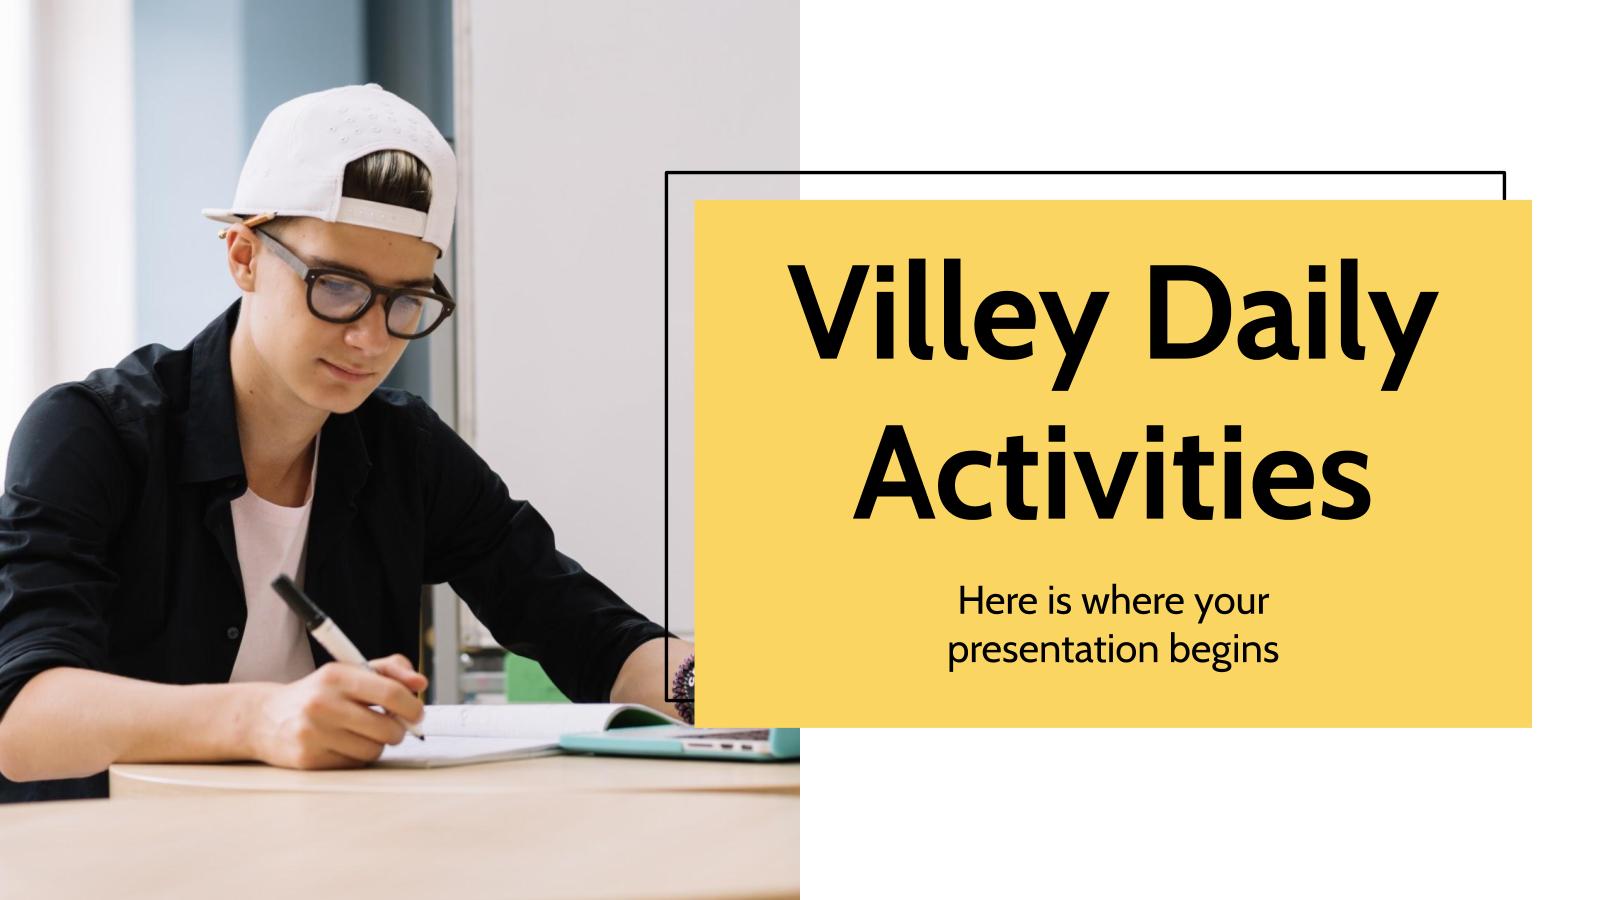 Modelo de apresentação Atividades diárias Villey